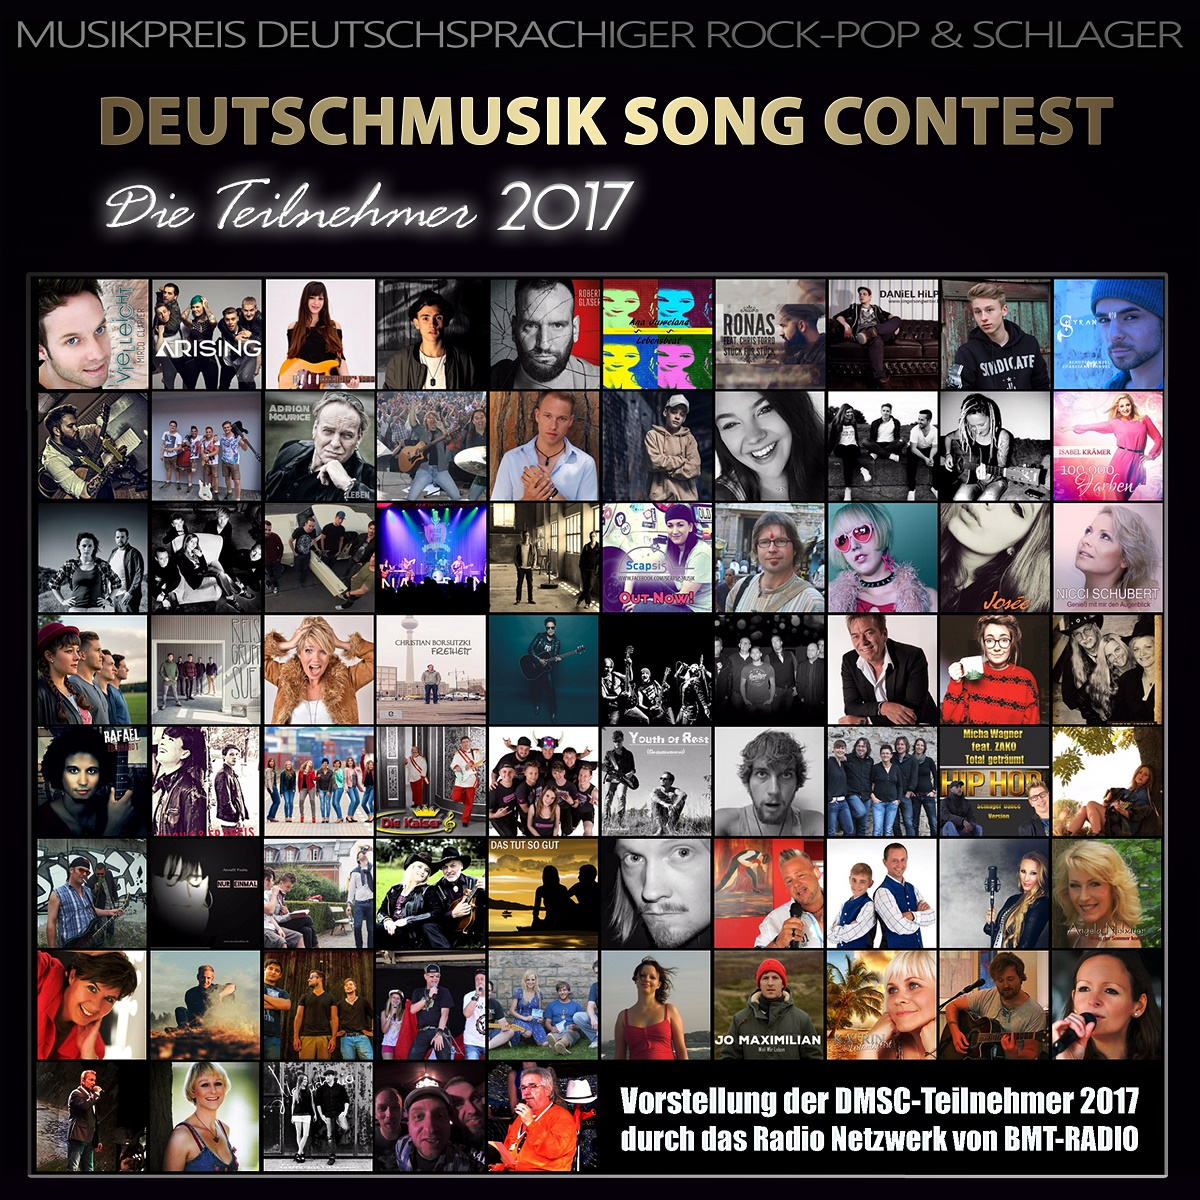 Deutschmusik Song Contest - Die Teilnehmer 2017